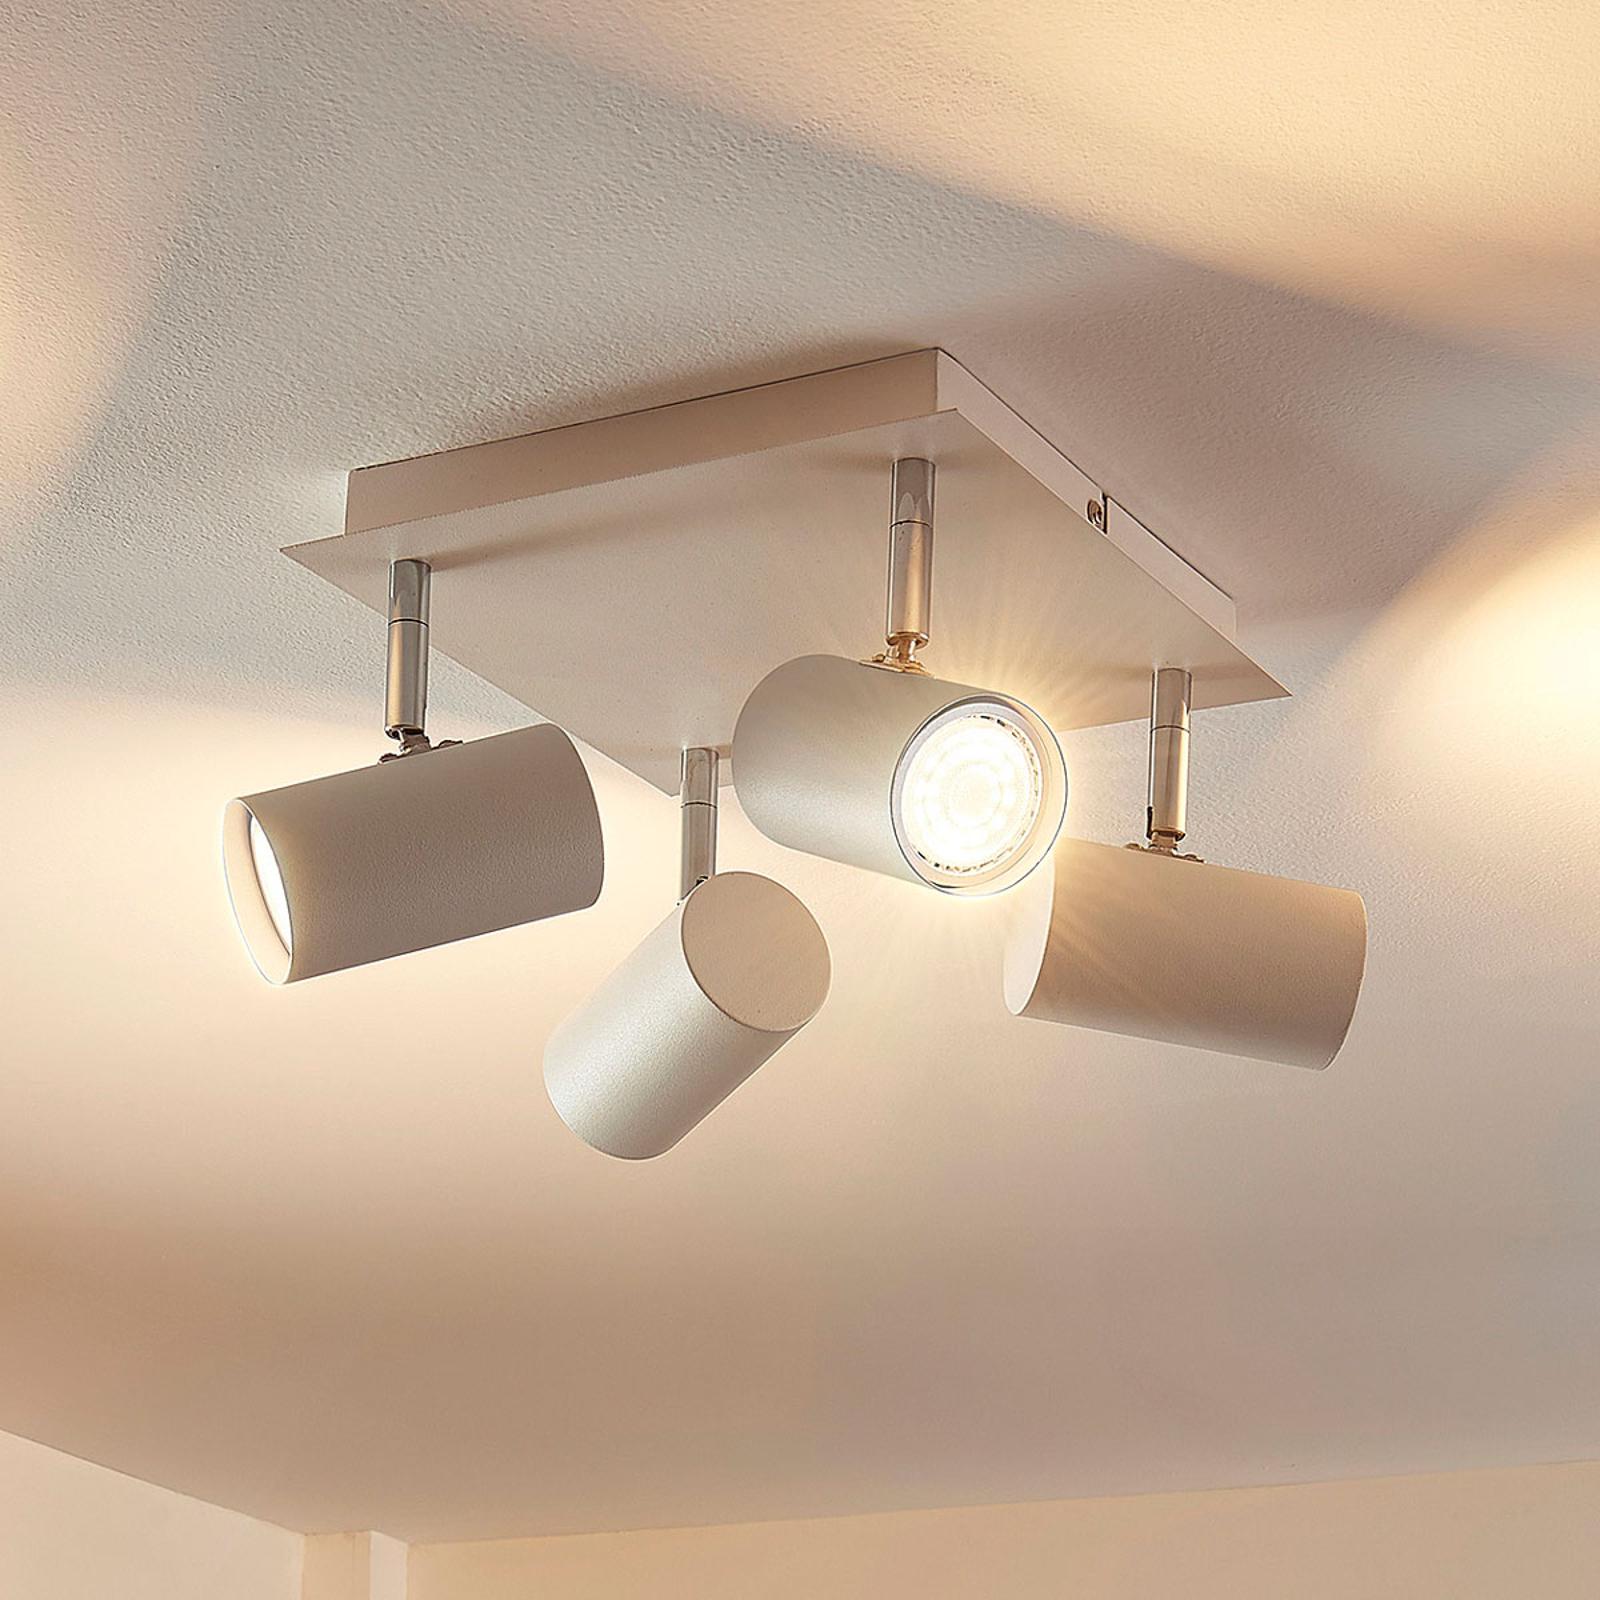 Quadratische LED-Deckenleuchte Iluk, vierflammig